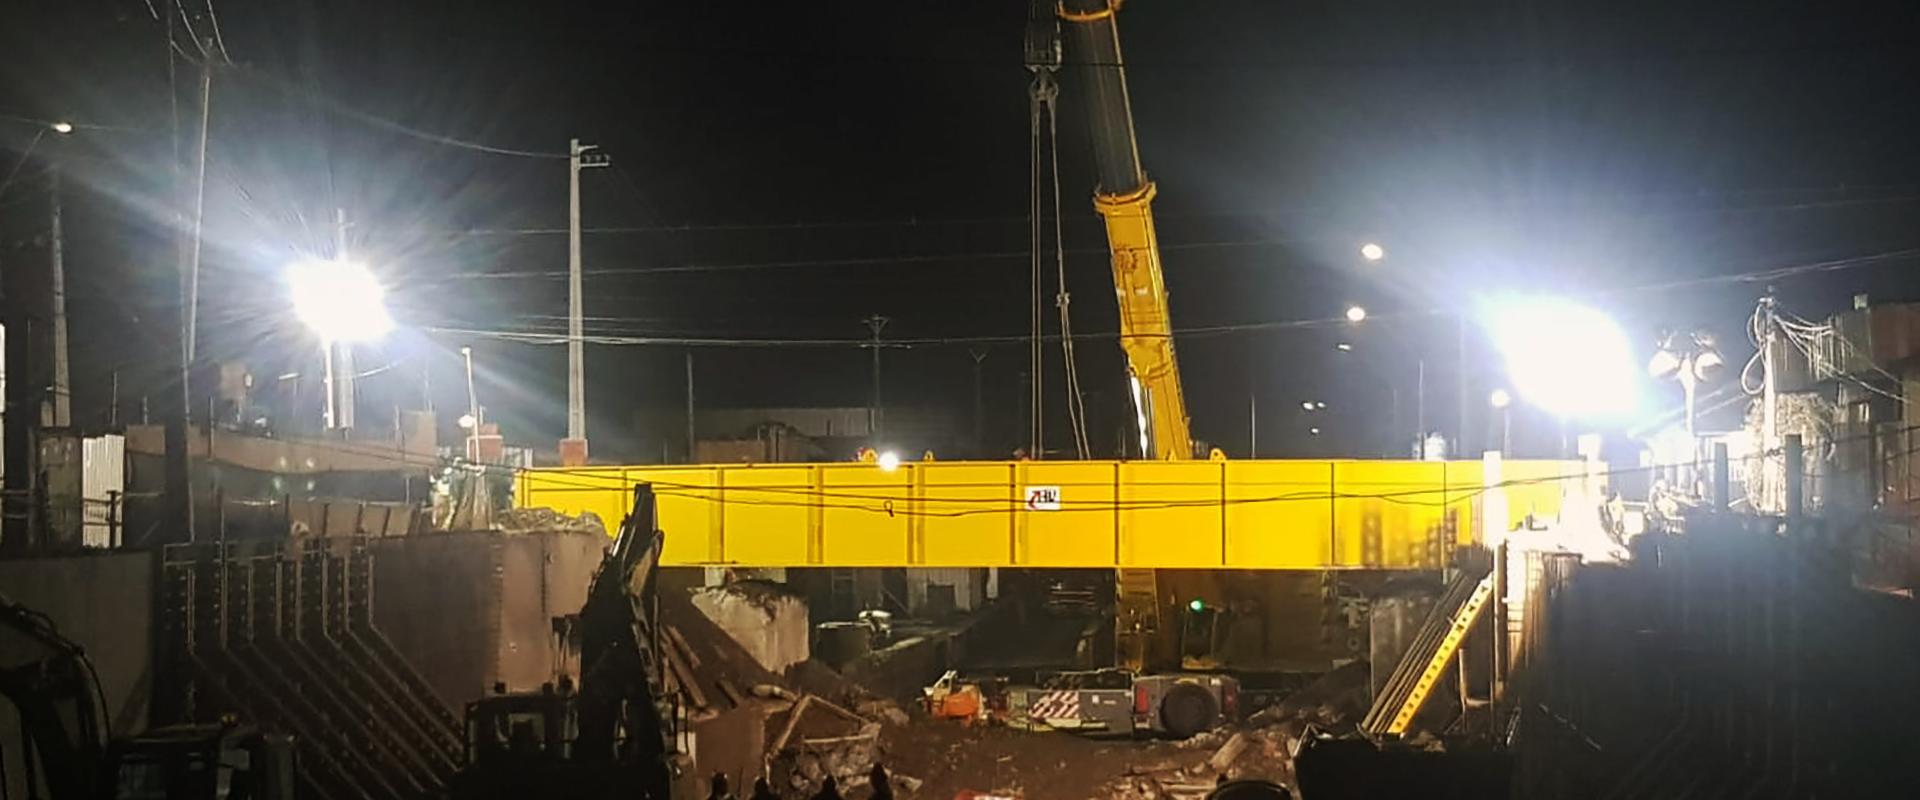 foto nocturna paso bajo nivel freire con nuevo puente ferroviario